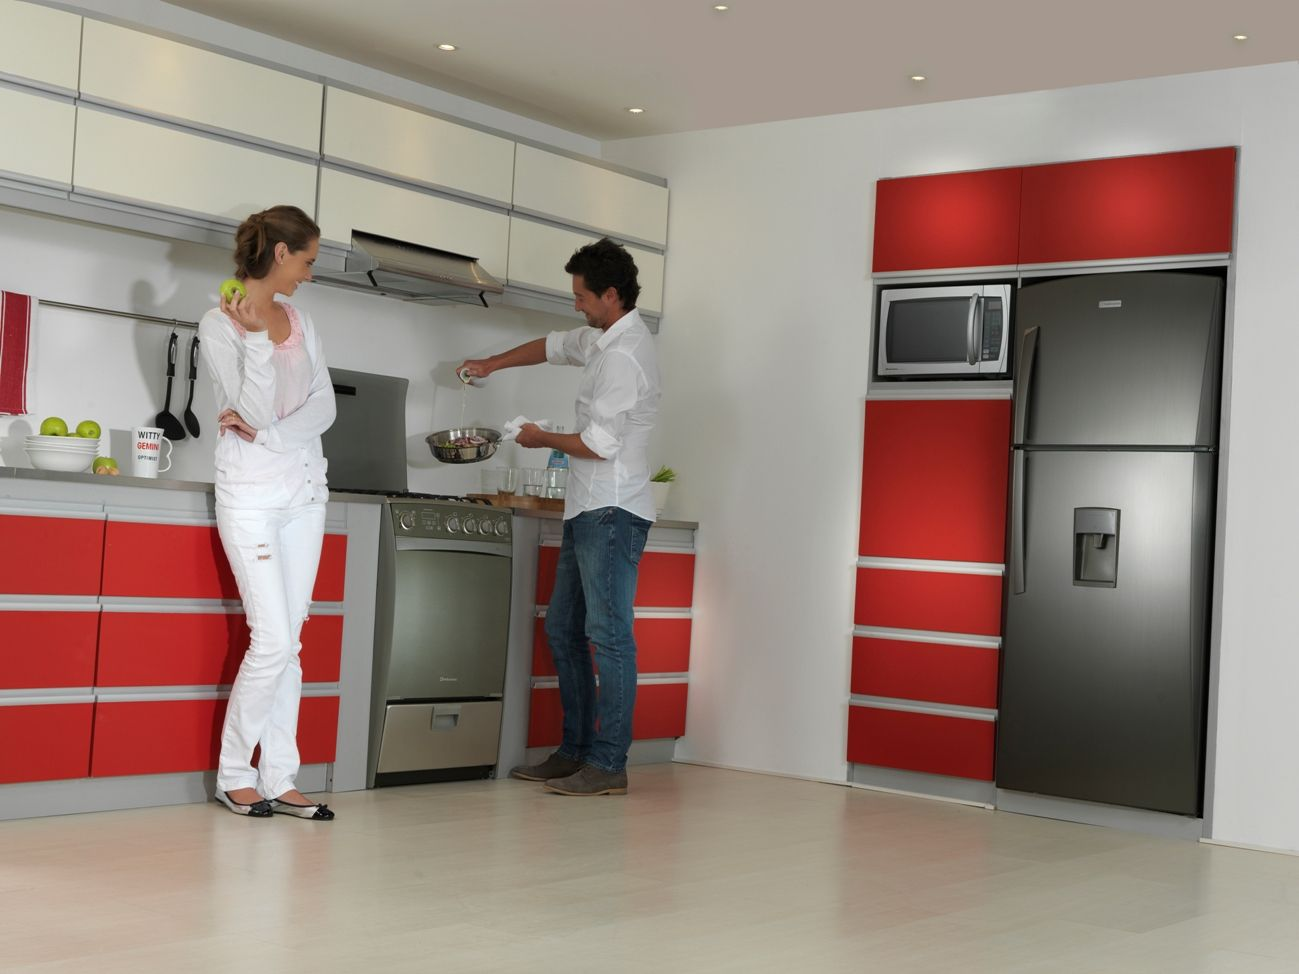 Cocina Ibiza. Refrigeradora RI-580. Ambiente de Cocina Croma & Rojo ...